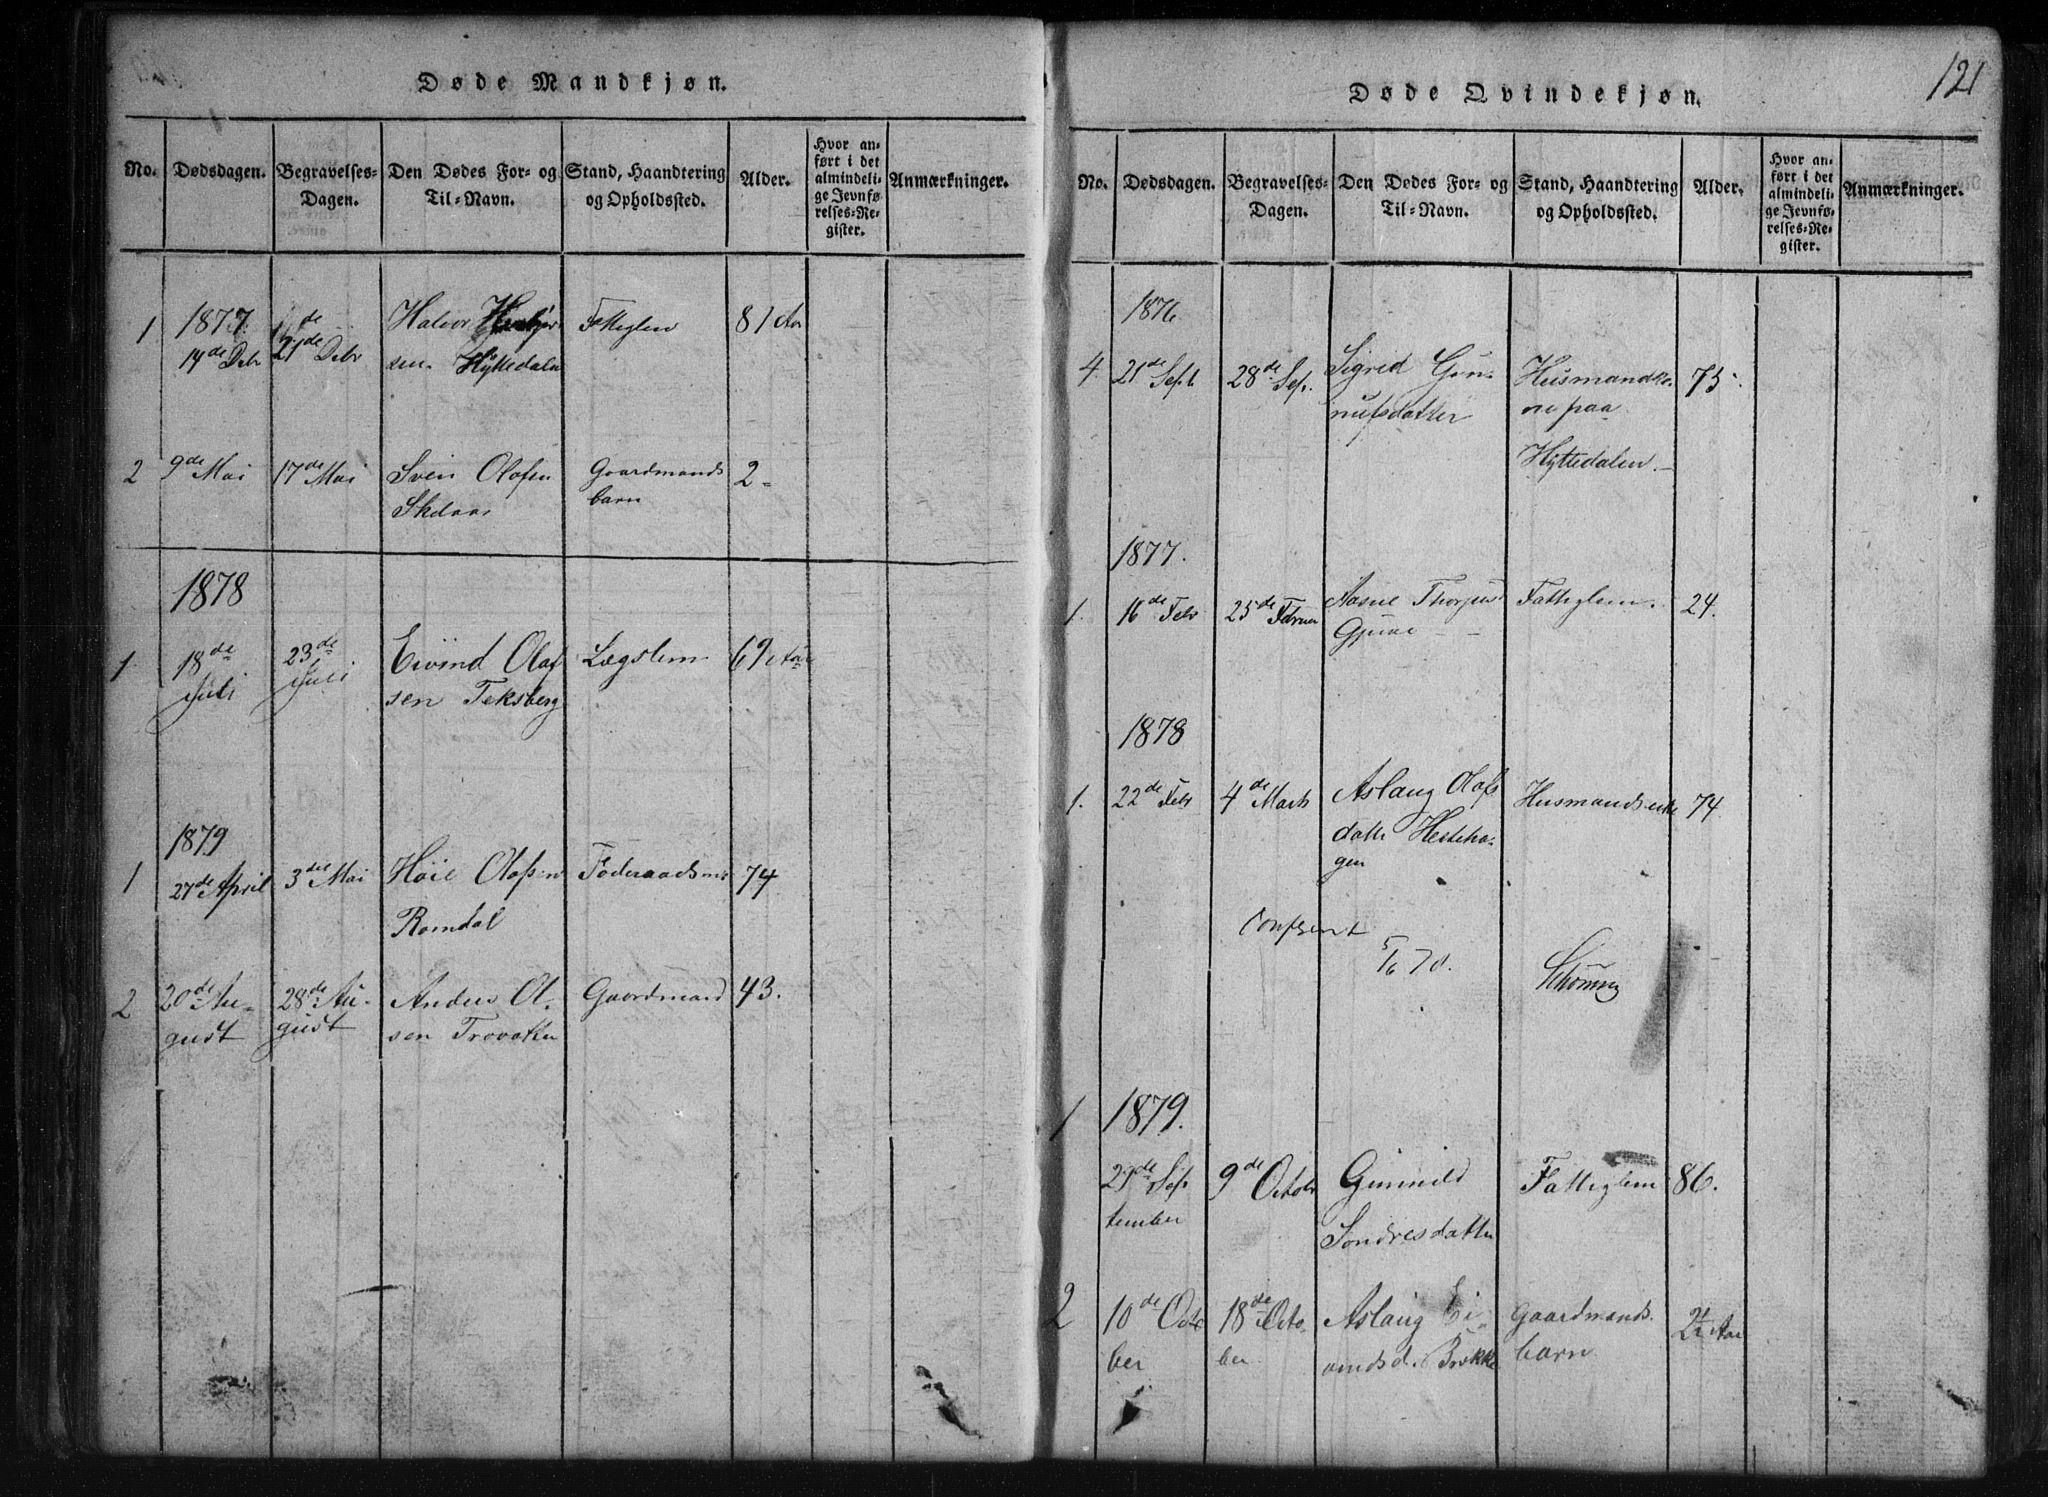 SAKO, Rauland kirkebøker, G/Gb/L0001: Klokkerbok nr. II 1, 1815-1886, s. 121